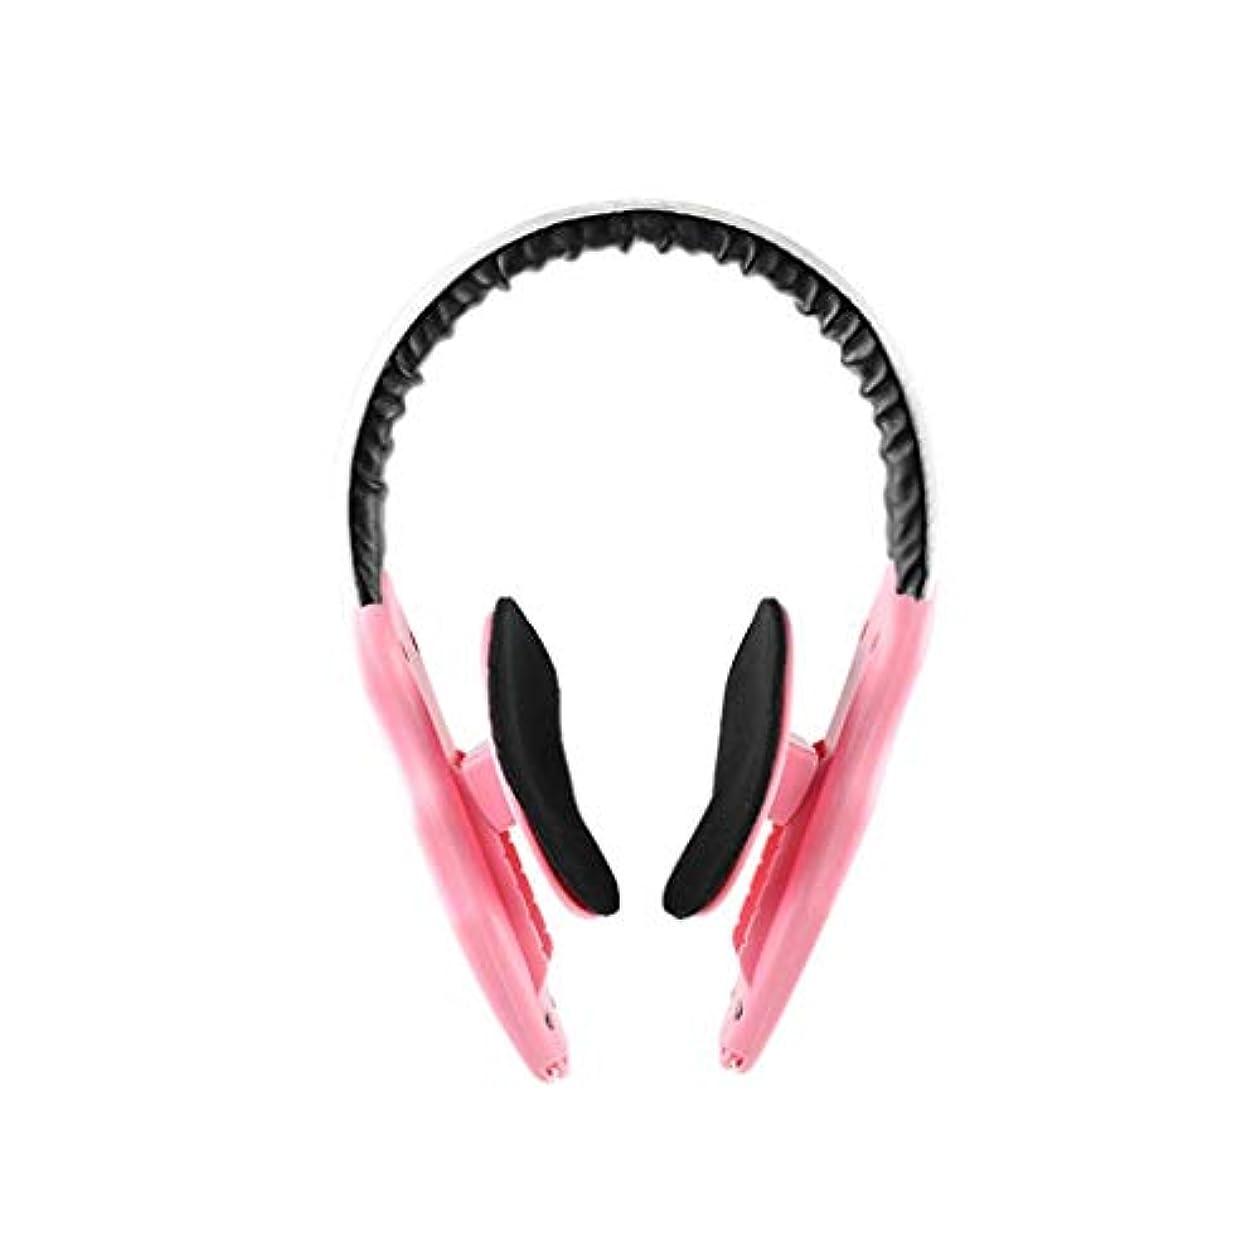 徒歩で陽気な貝殻LJK フェイスリフトマスク、フェイスブレース、非対称フェイスマッセターマッスル、フェイシャルラインの強化、フェイシャルファットの改善、男性に最適 (Color : Pink)